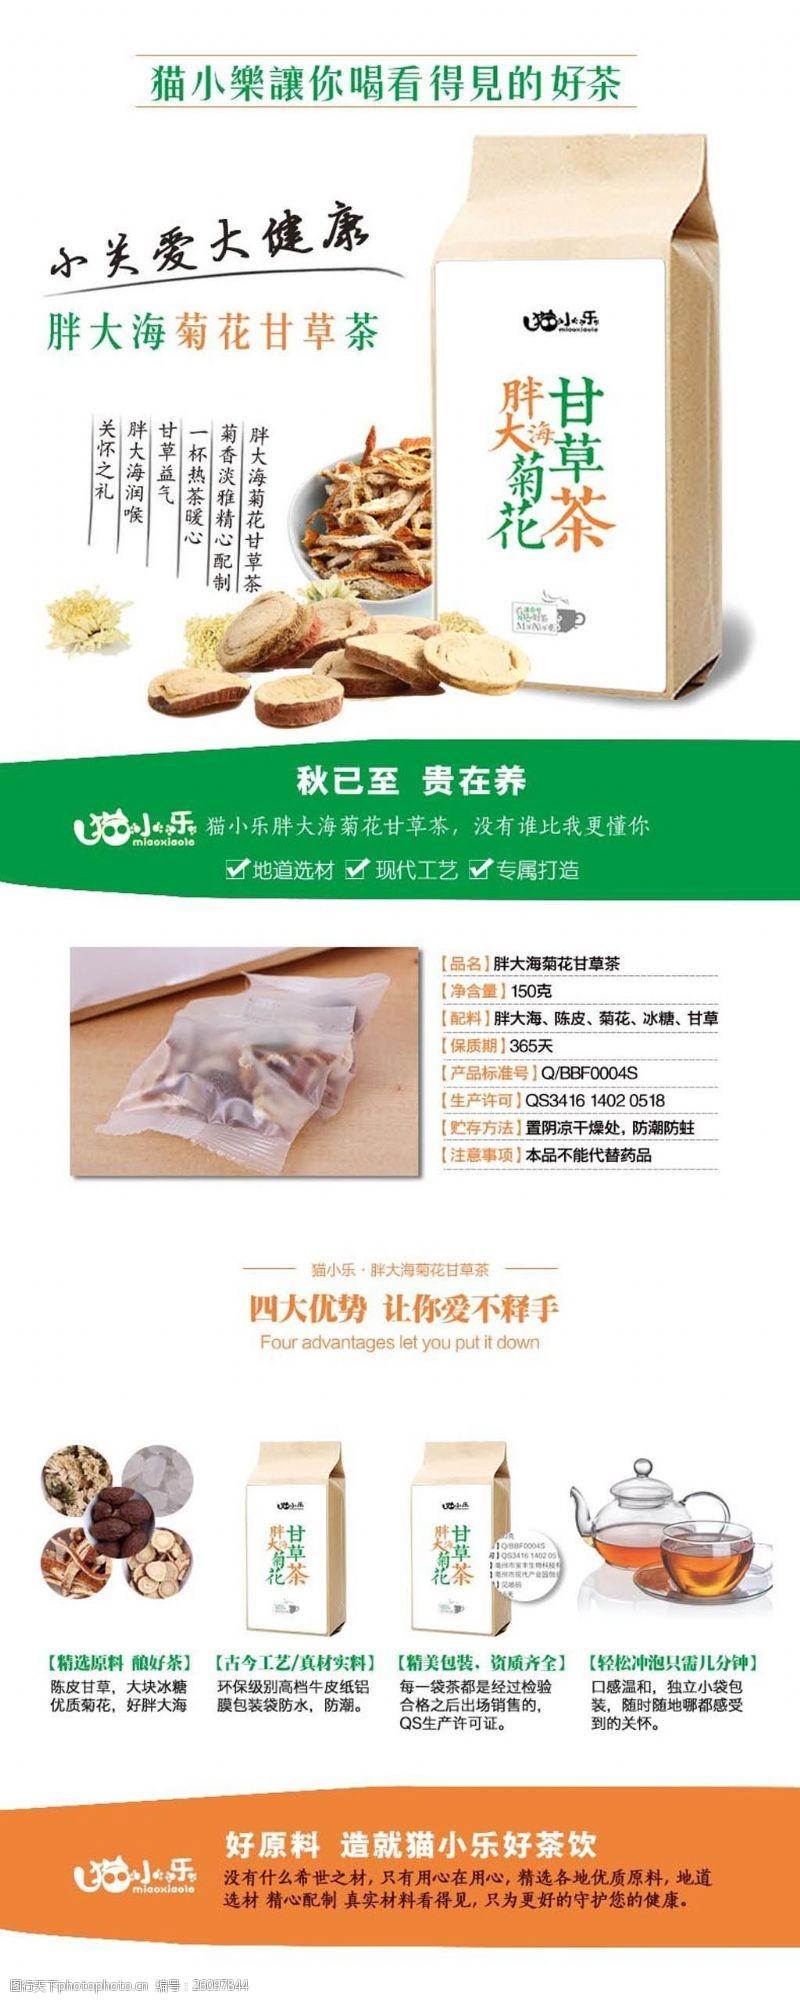 茶组合天猫淘宝花草茶详情页设计图片